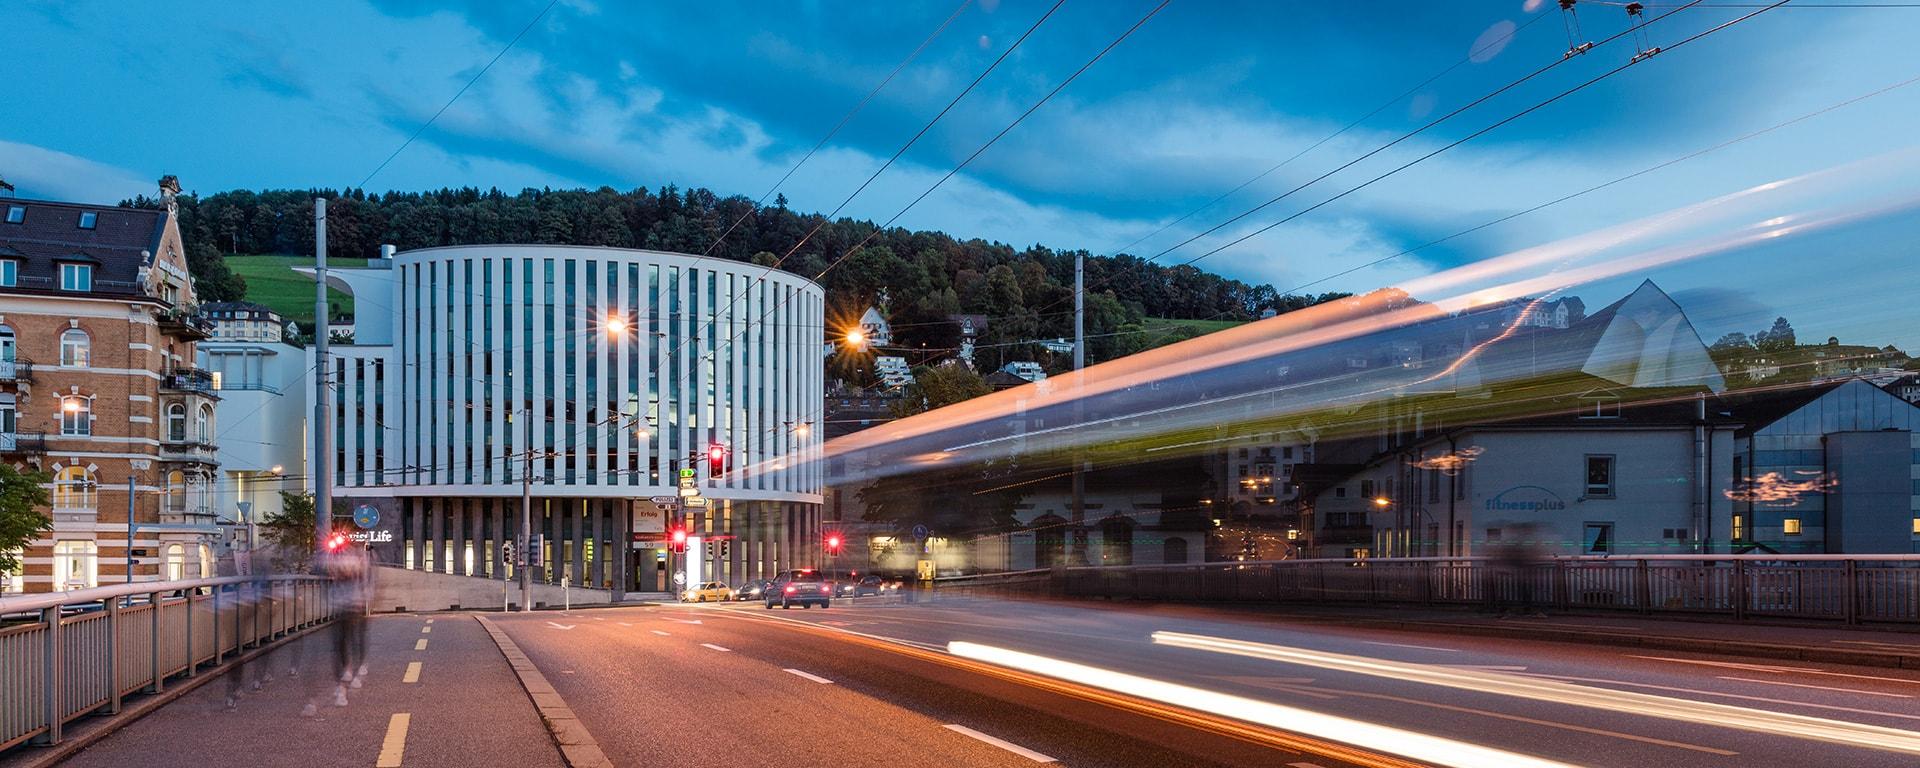 St. Galler Stadtwerke - Erfolgreicher Transformationsprozess